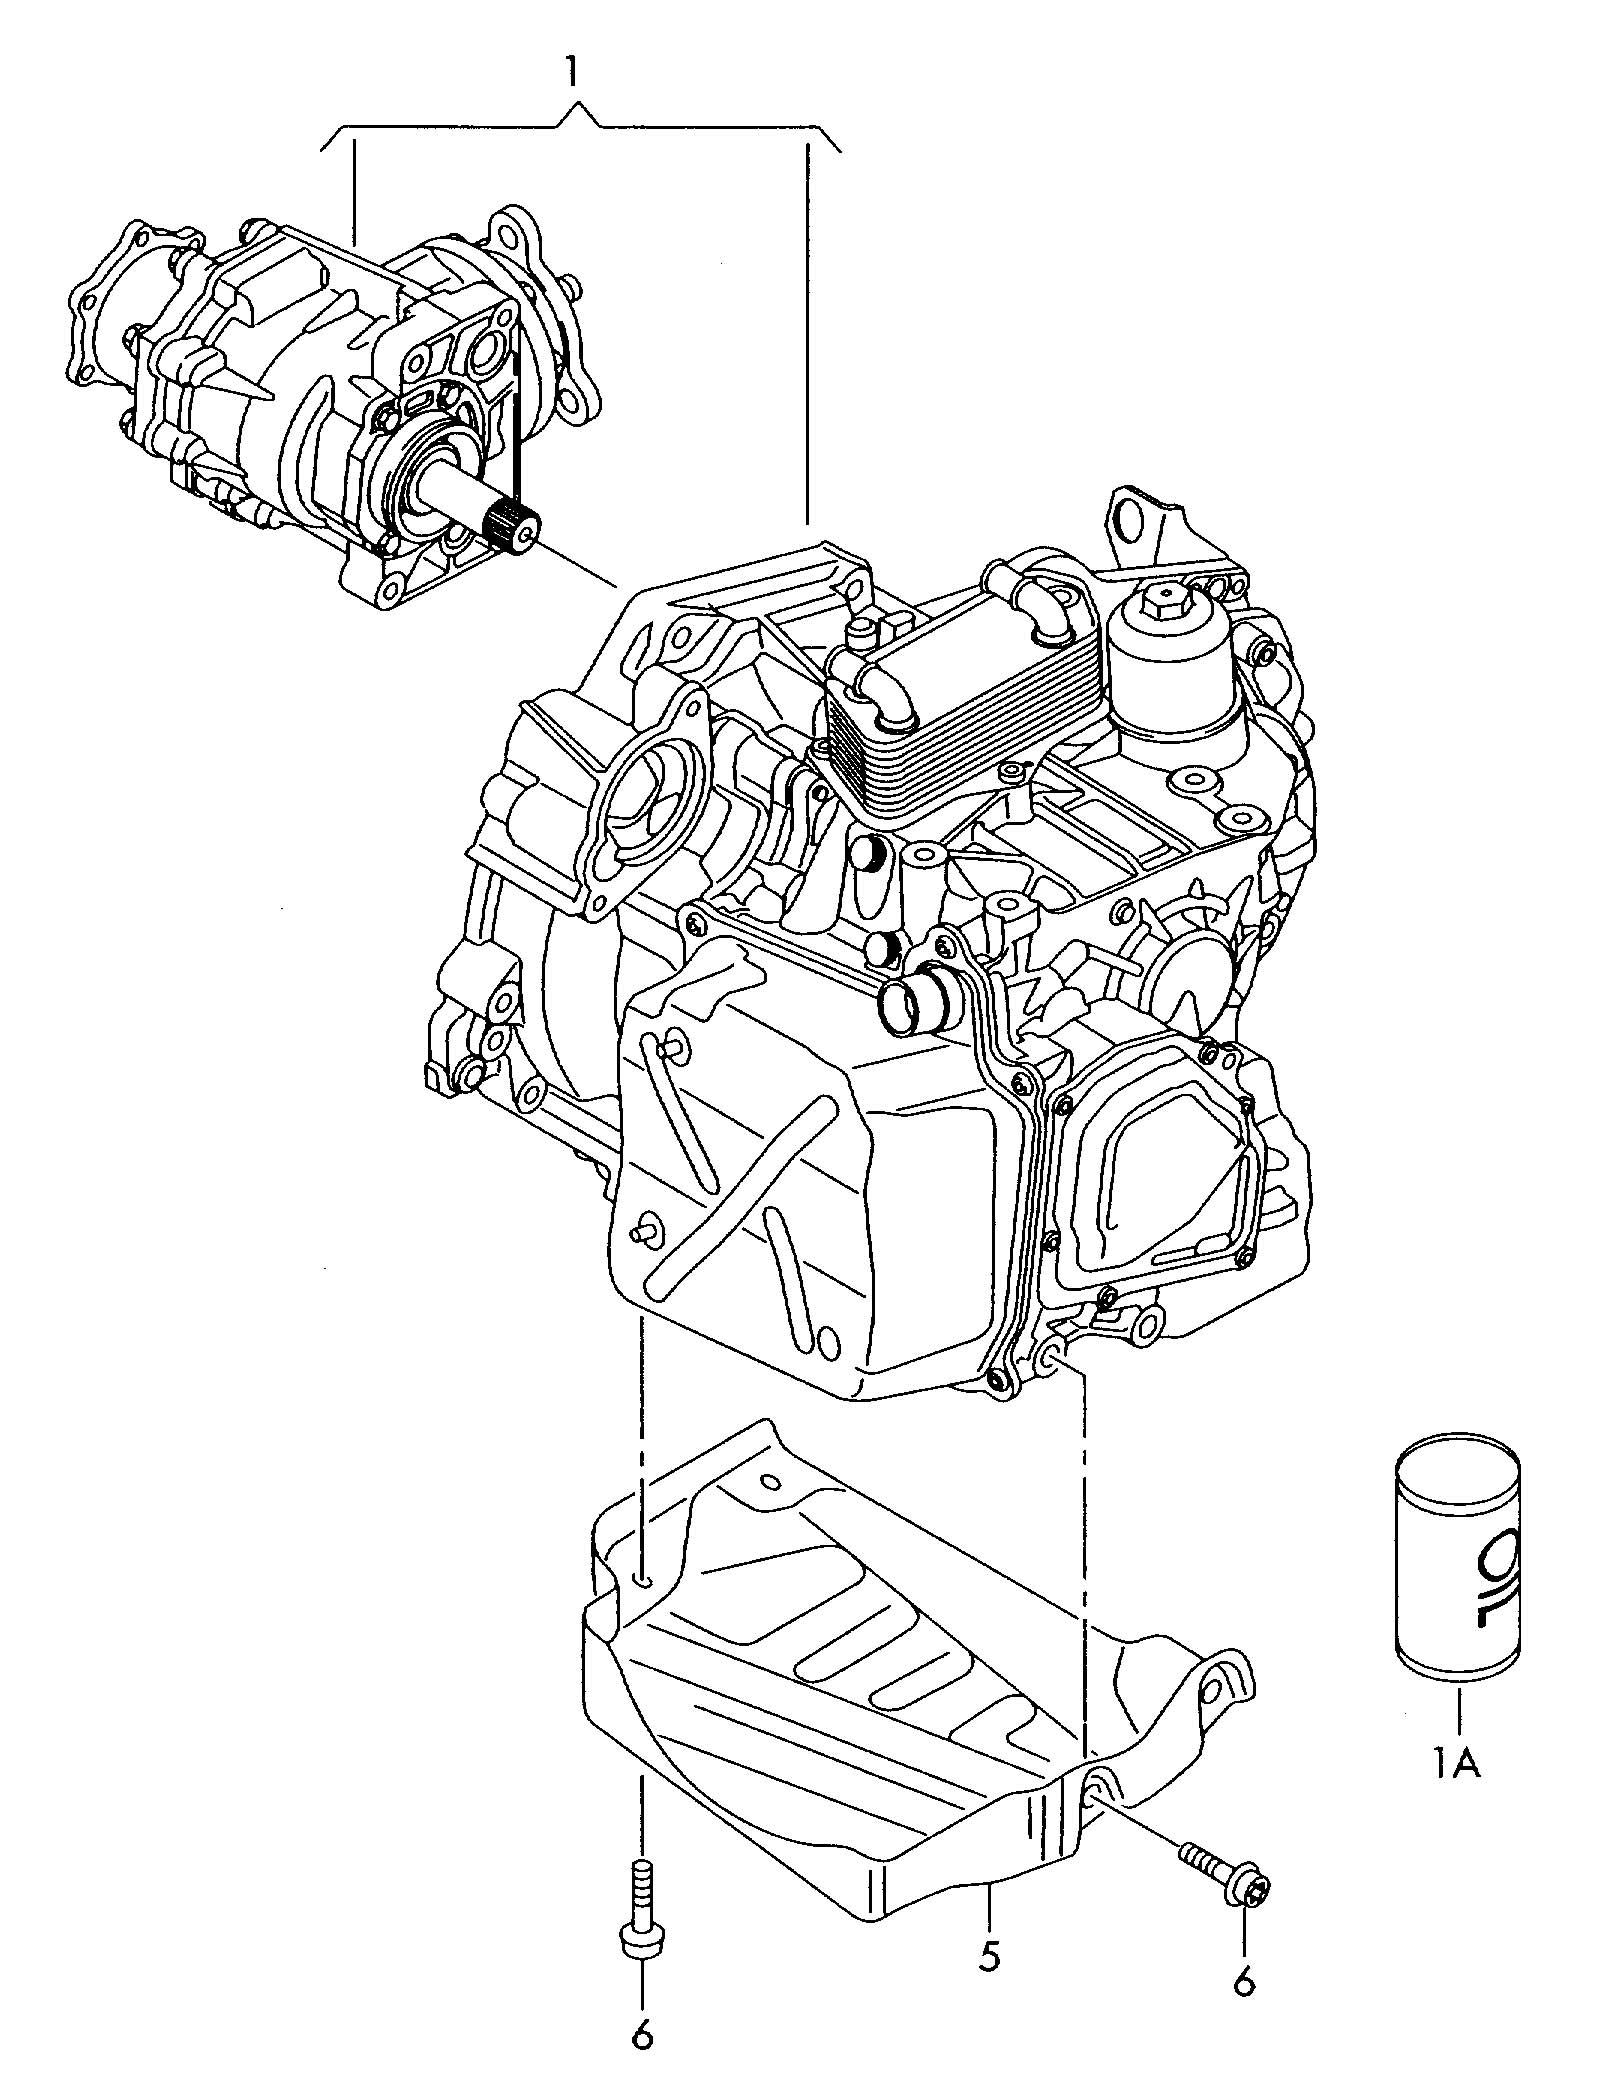 Volkswagen Jetta 6 Speed Dual Clutch Gearbox Transmission